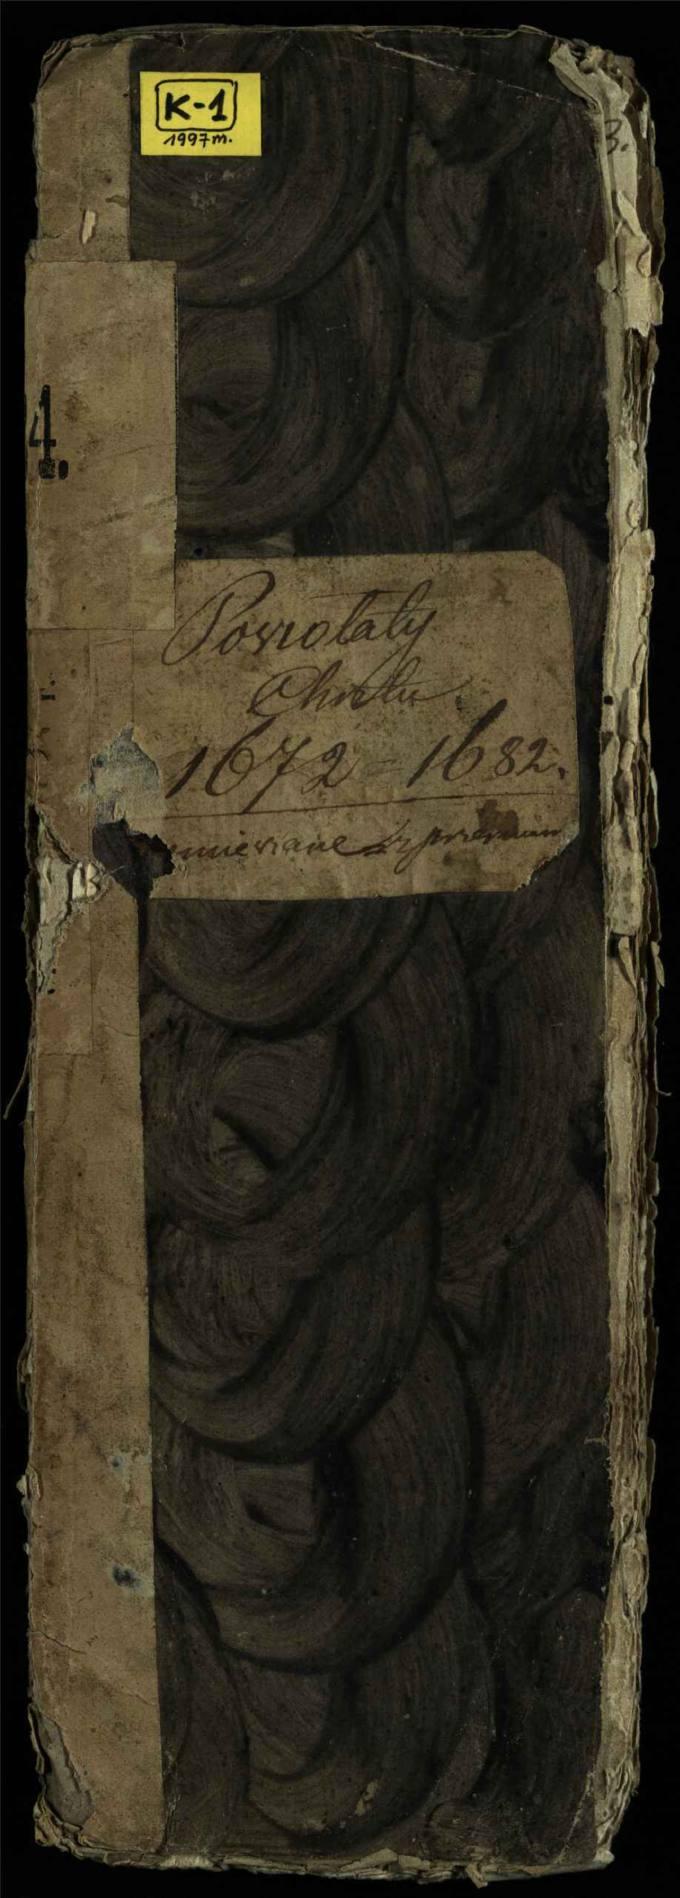 Pušaloto Romos katalikų parapijos bažnyčios 1672–1682 metų krikšto metrikų knyga